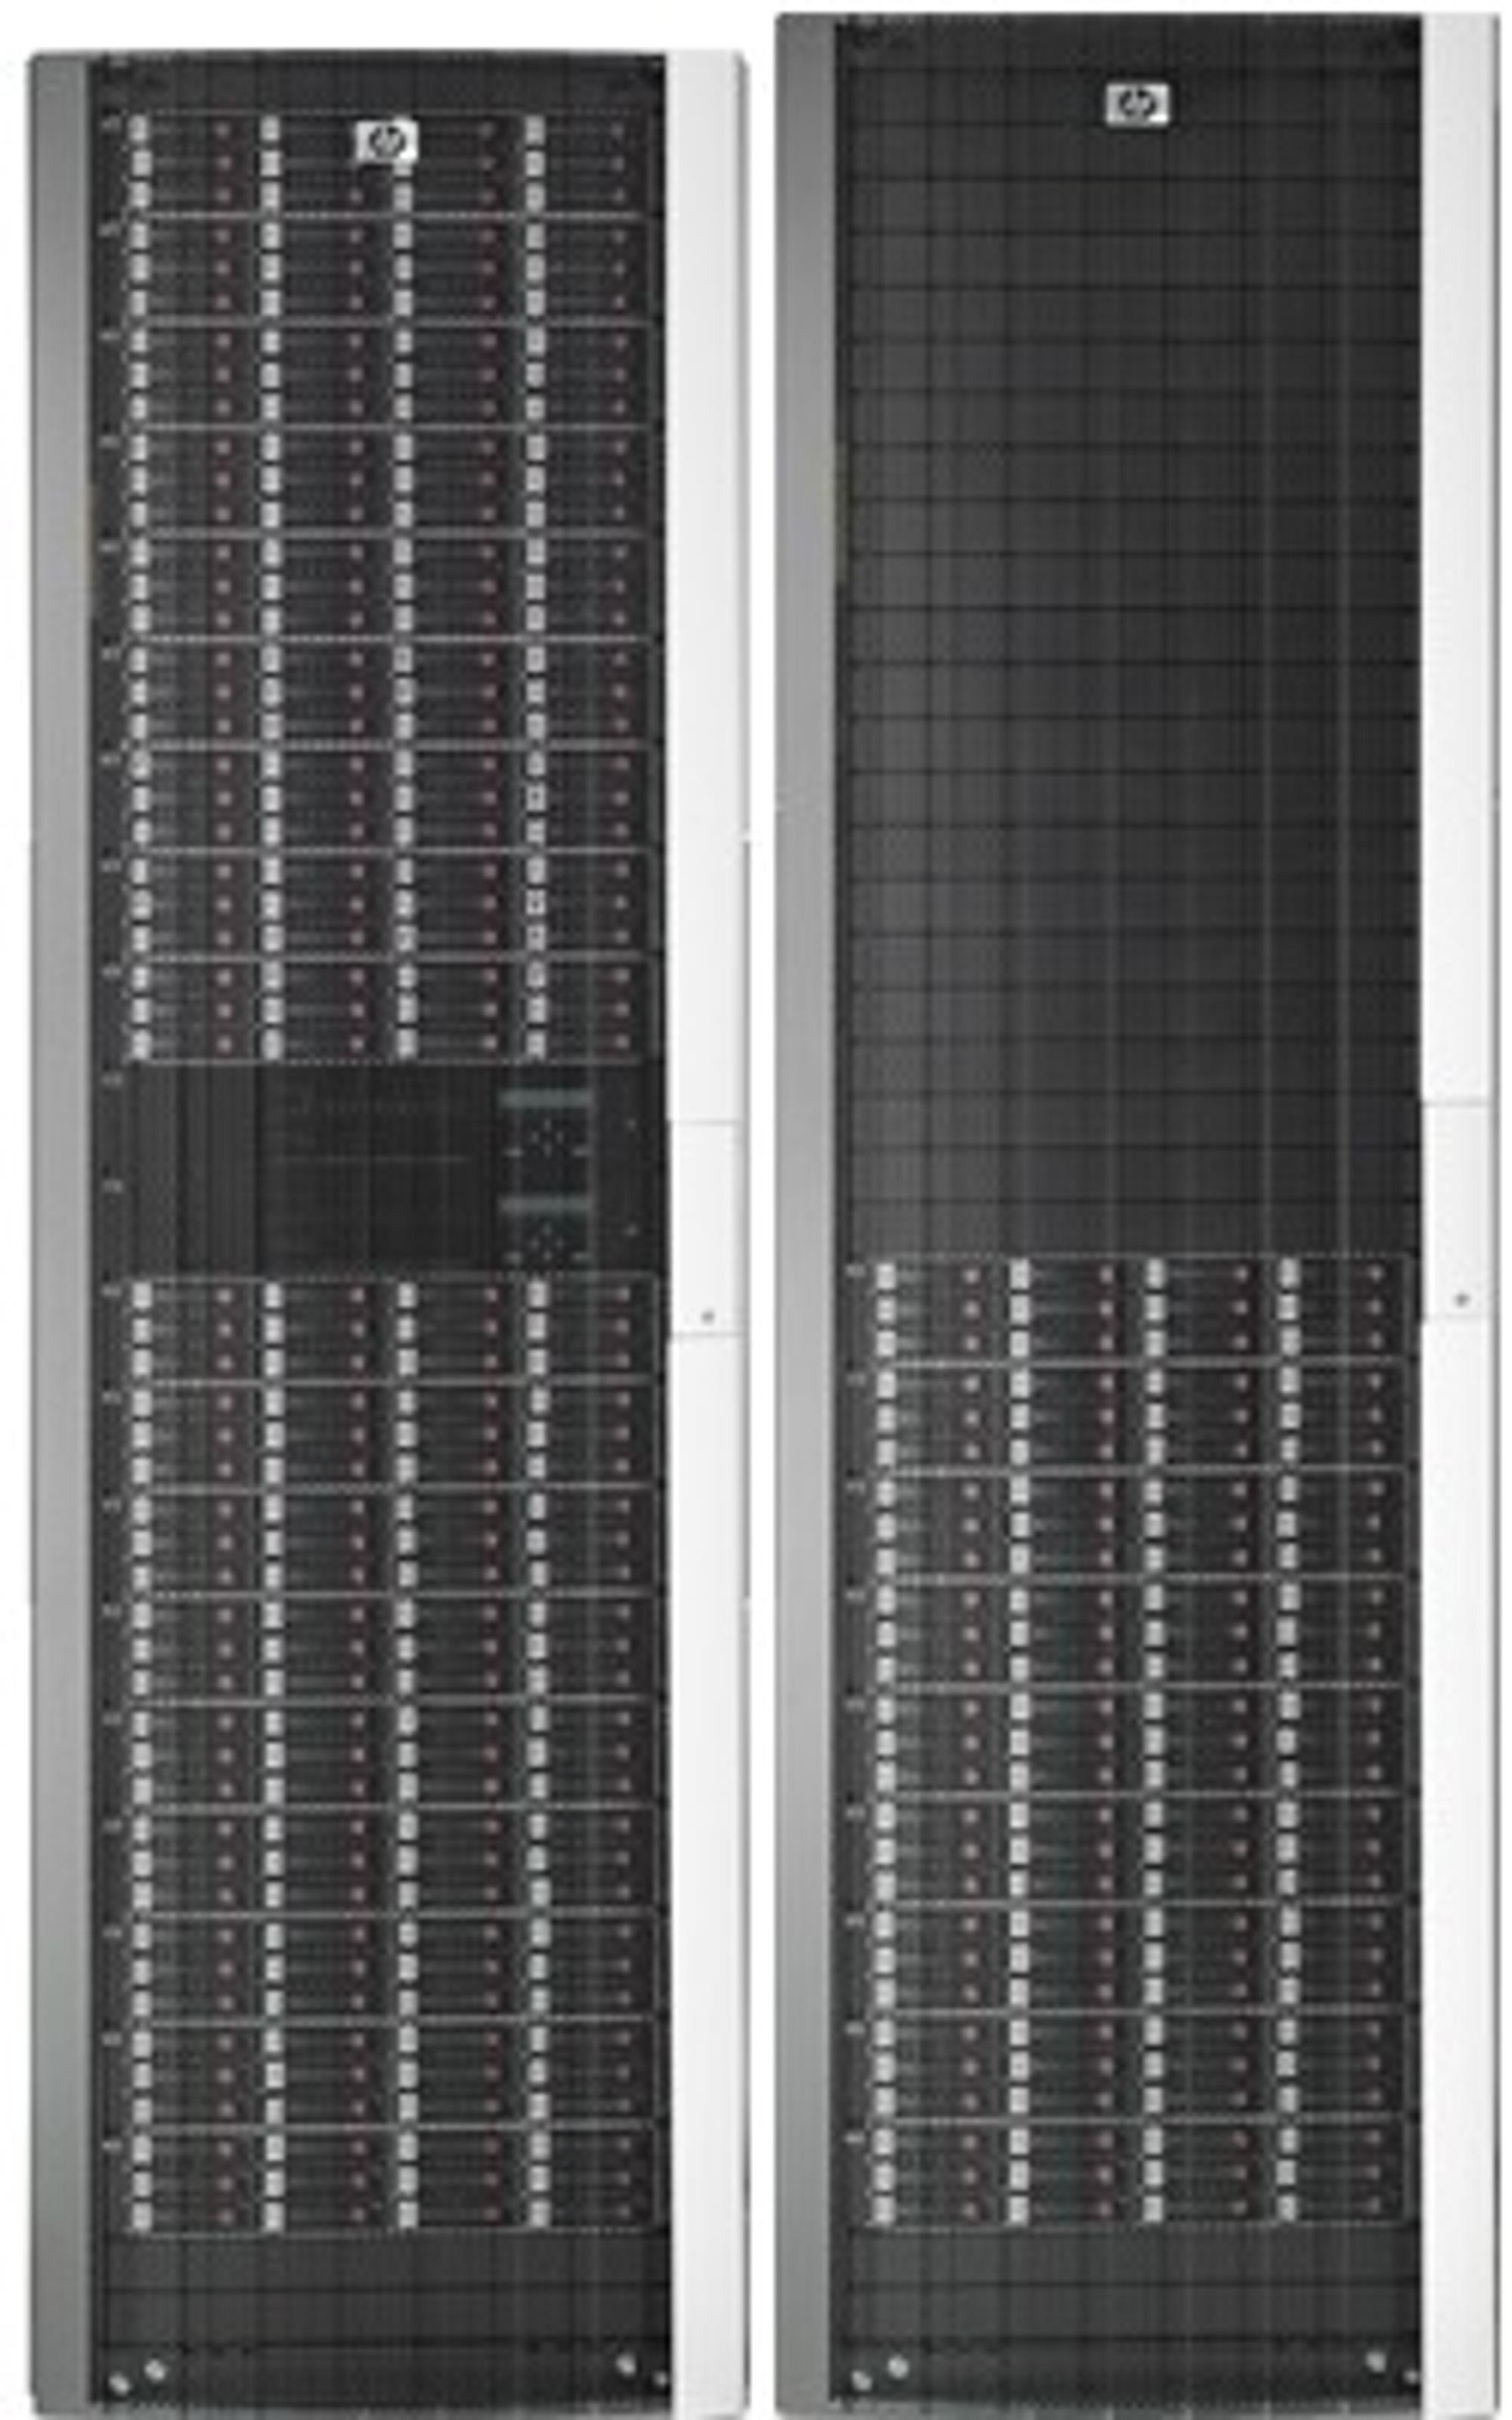 EVA6400 (til venstre) og EVA8400.